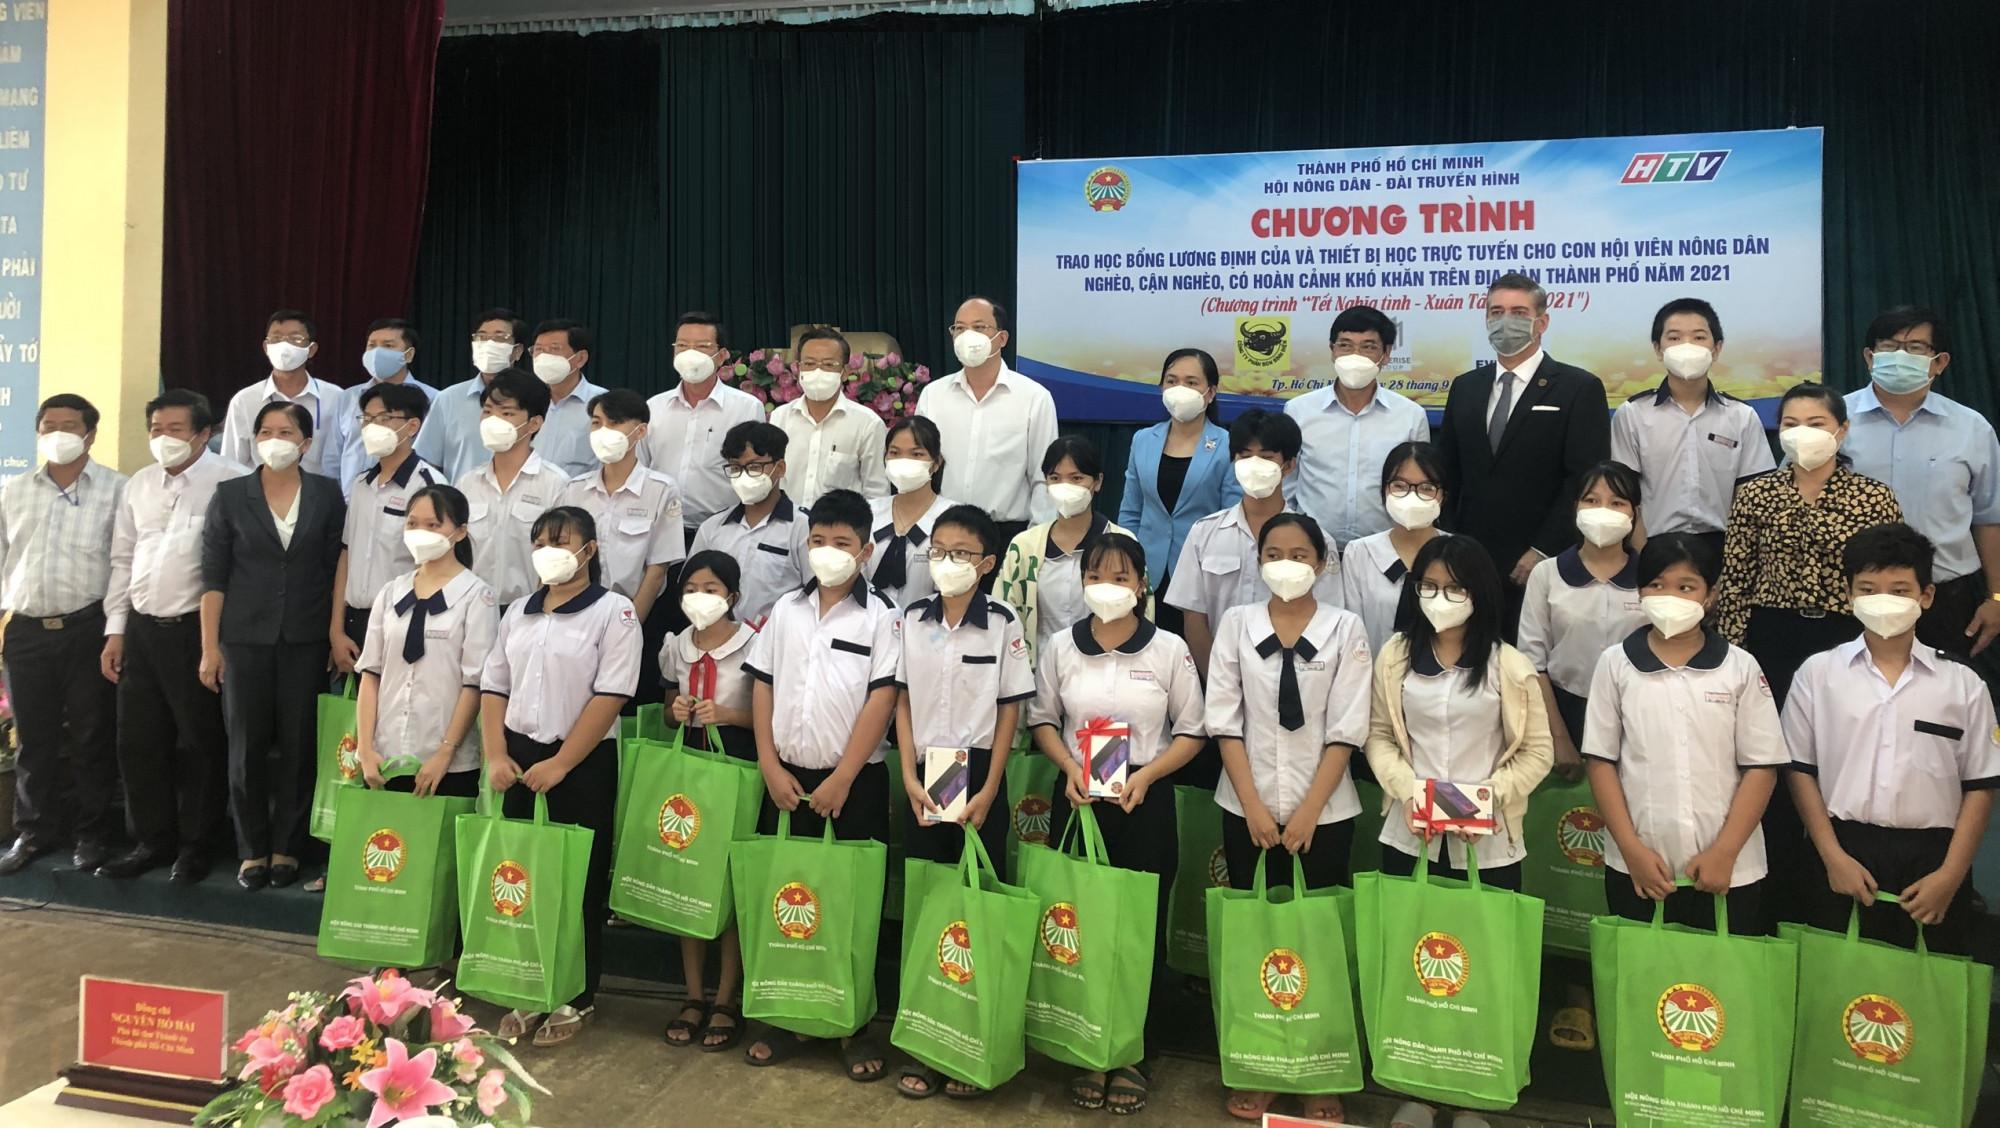 Đại diện các doanh nghiệp và Hội Nông dân TPHCM trao học bổng Lương Định Của cho các em học sinh tại Hội trường Huyện ủy Cần Giờ sáng 28/9/2021 - Ảnh: EVNHCMC